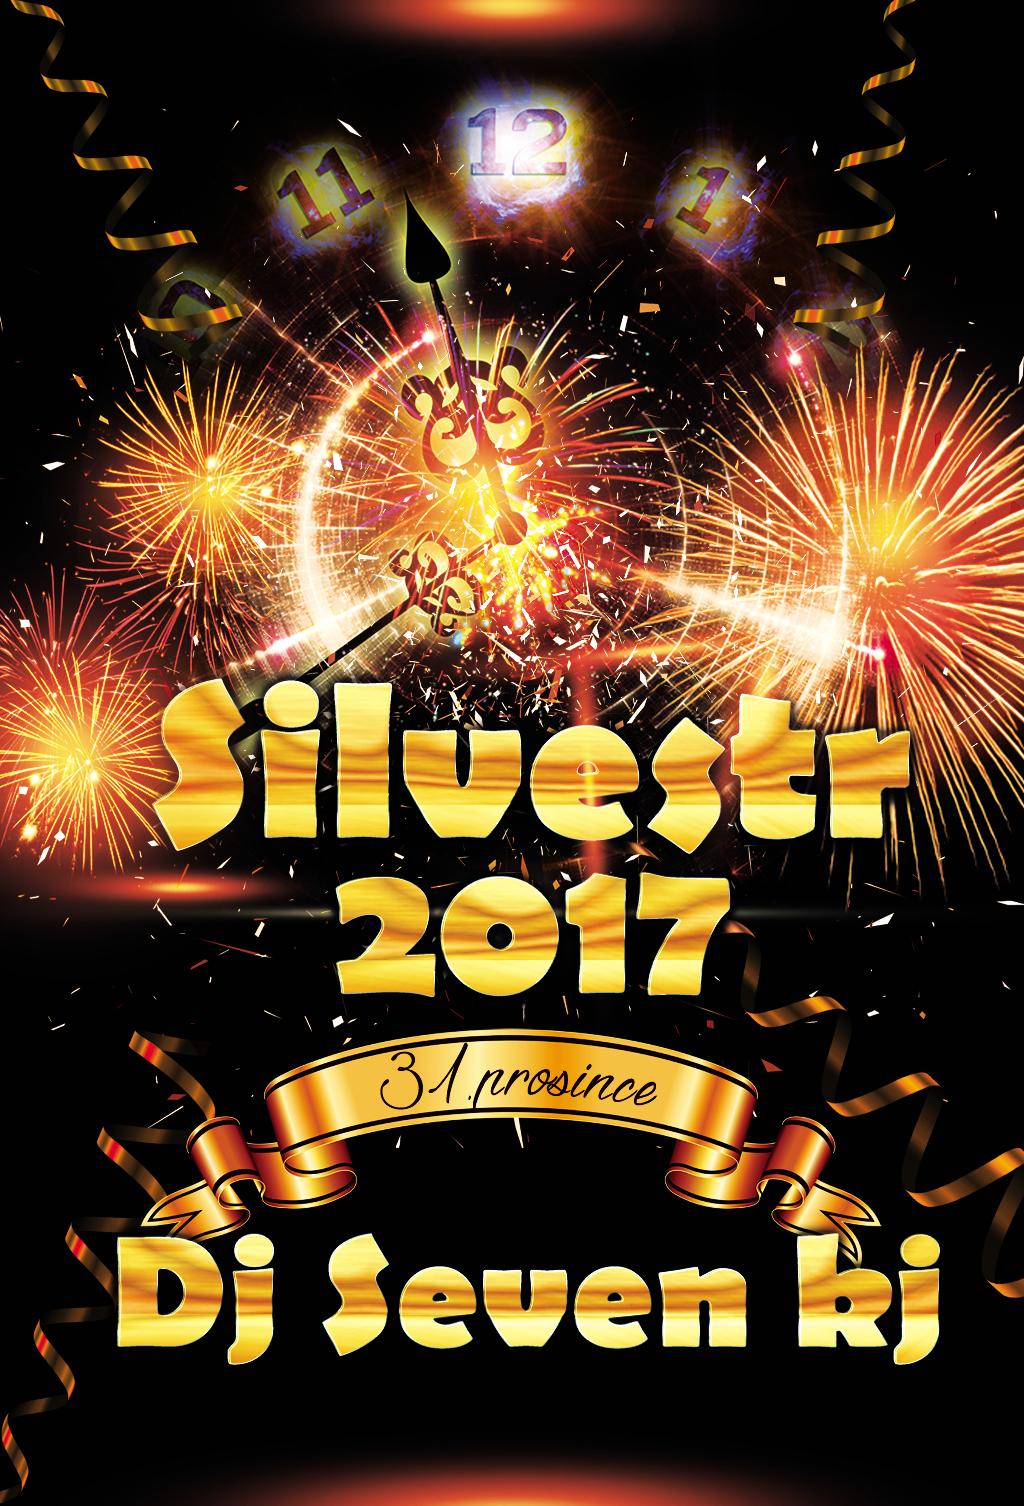 Dj party silvestr 2017